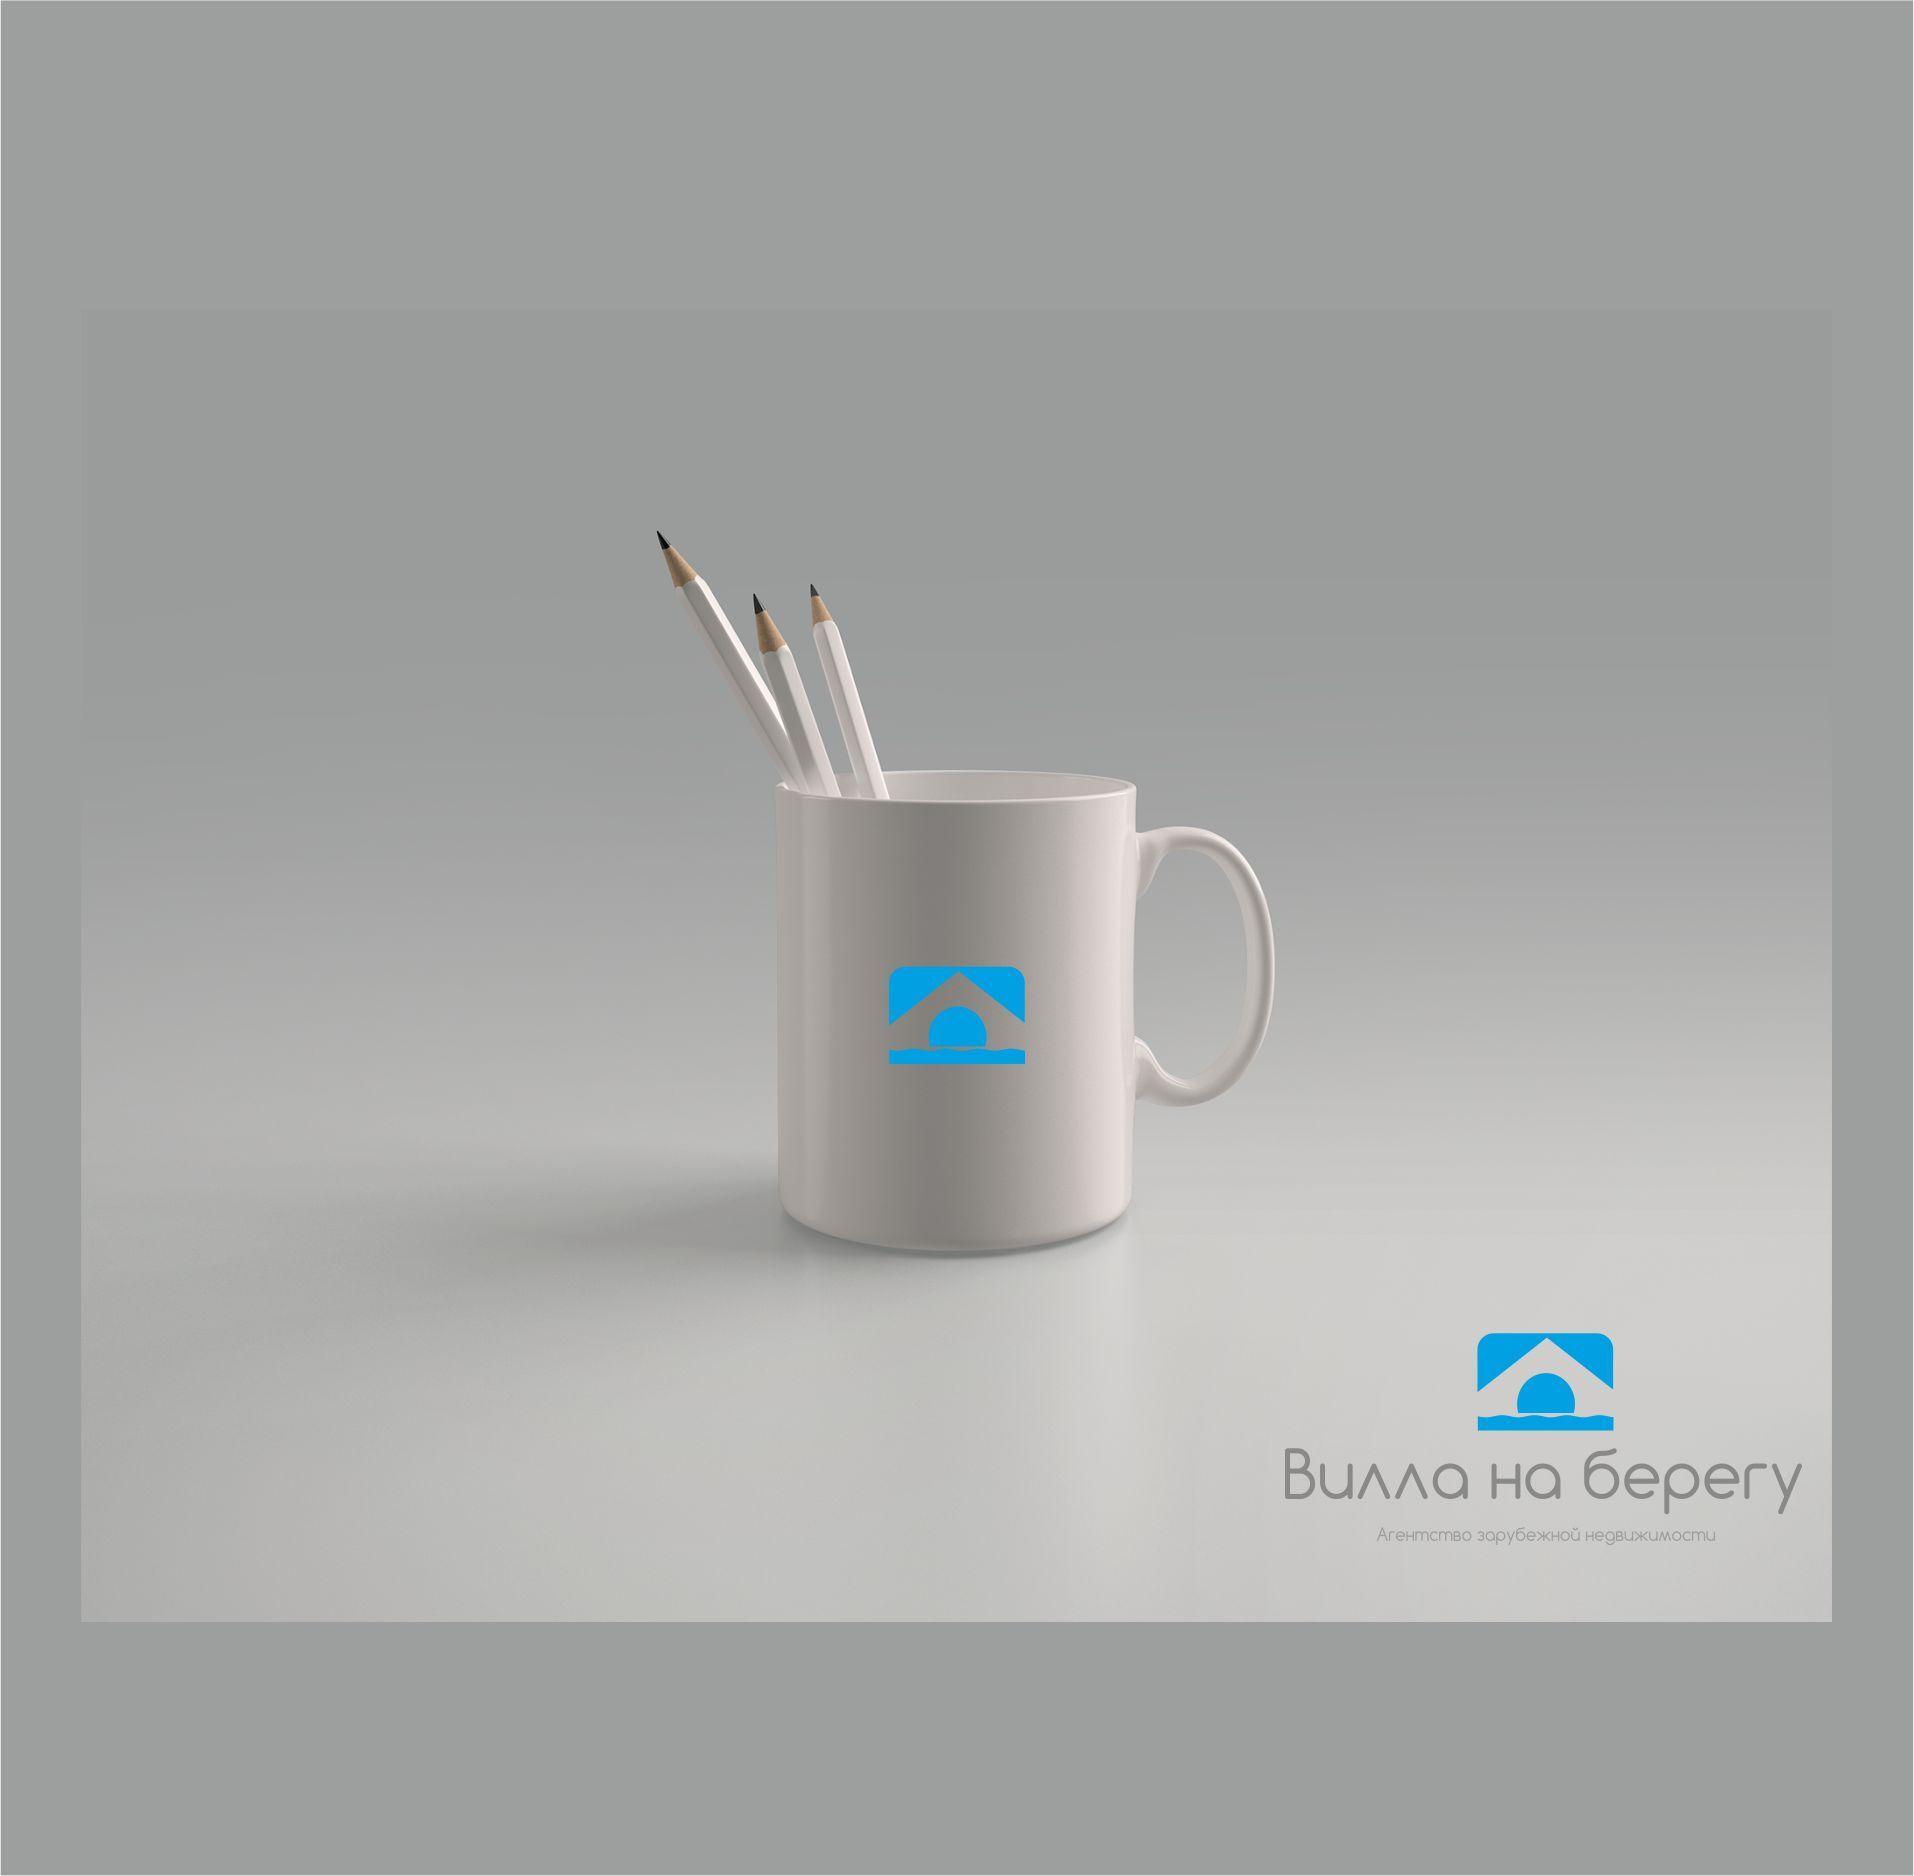 Фирстиль для агентства зарубежной недвижимости - дизайнер dbyjuhfl